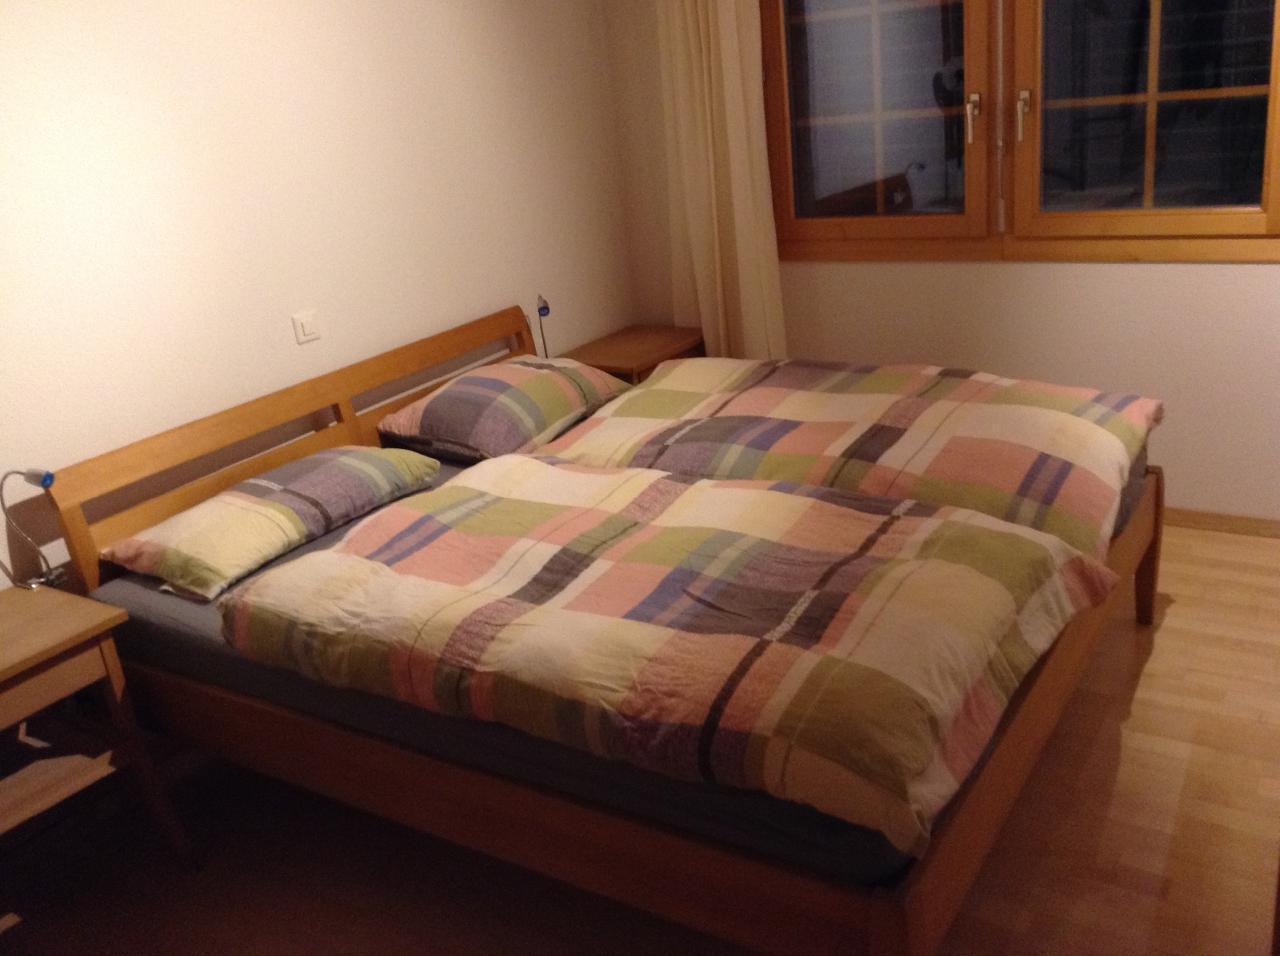 Appartement de vacances Fewo Belstar DG West (2542780), Bellwald, Aletsch - Conches, Valais, Suisse, image 9